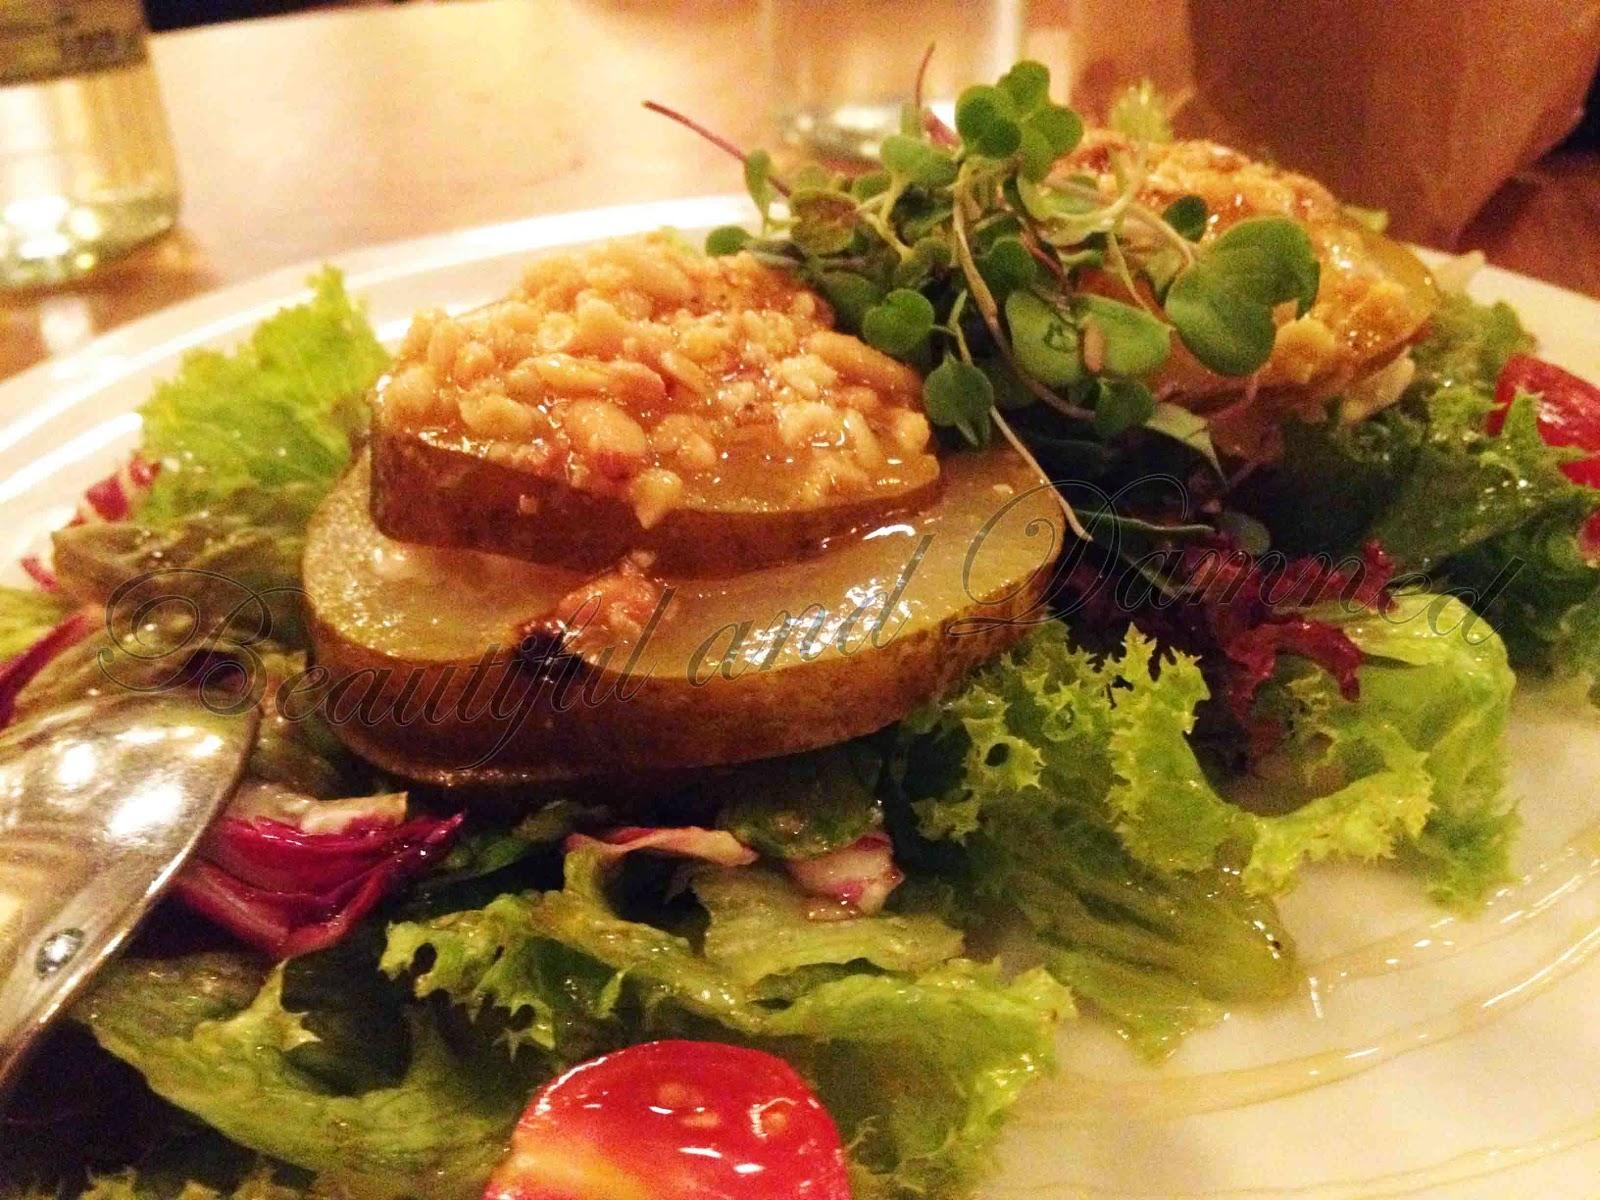 Ensalada de queso de cabra, pera dulce y piñones